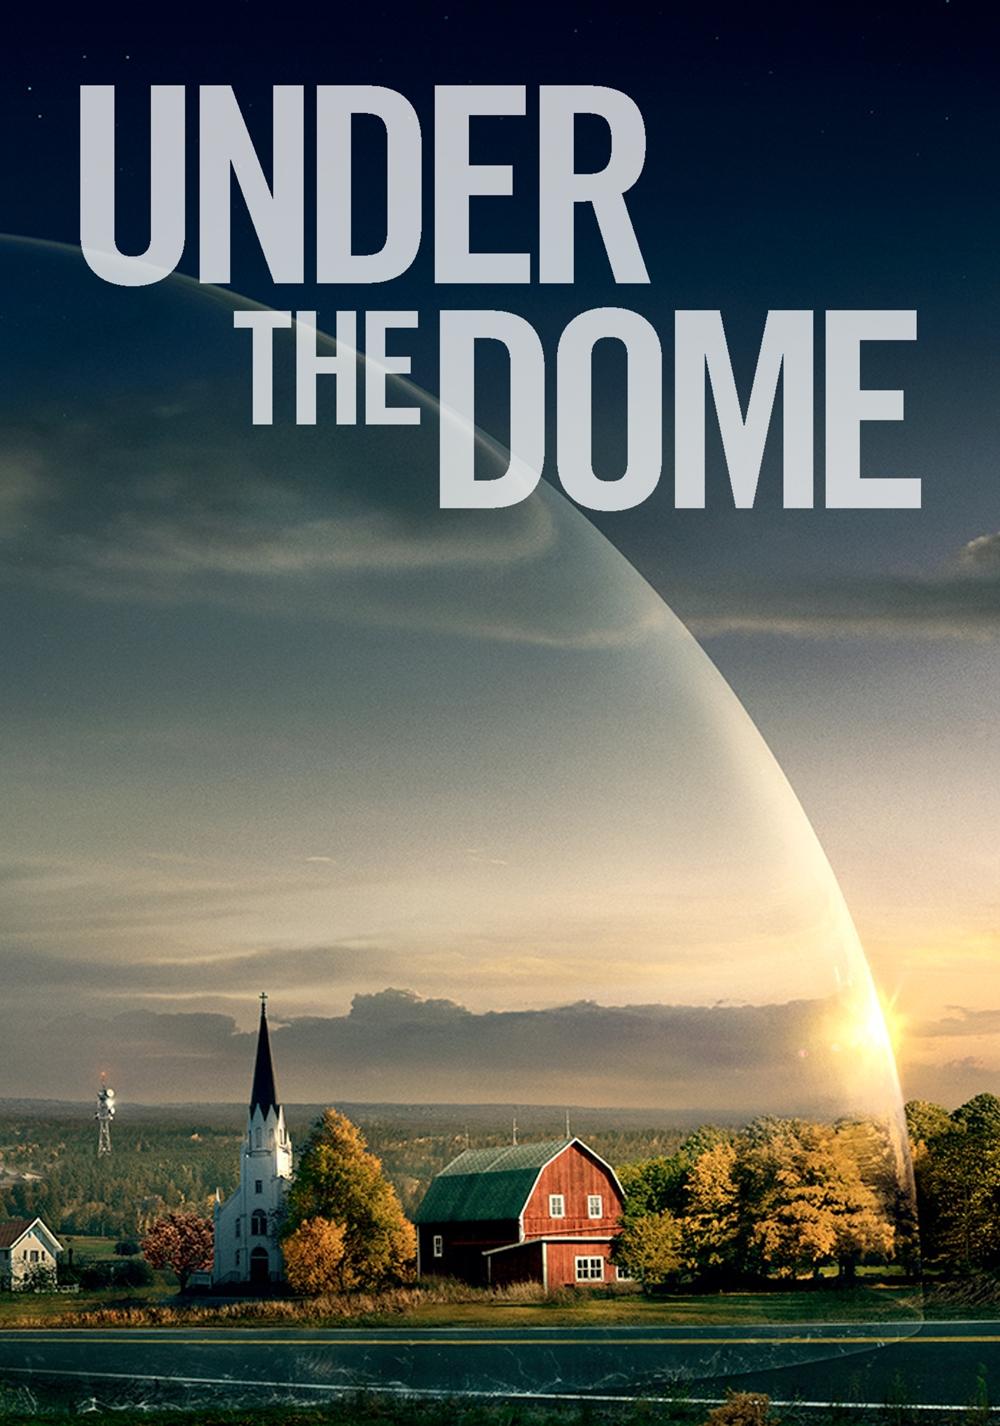 Under The Dome Maxdome